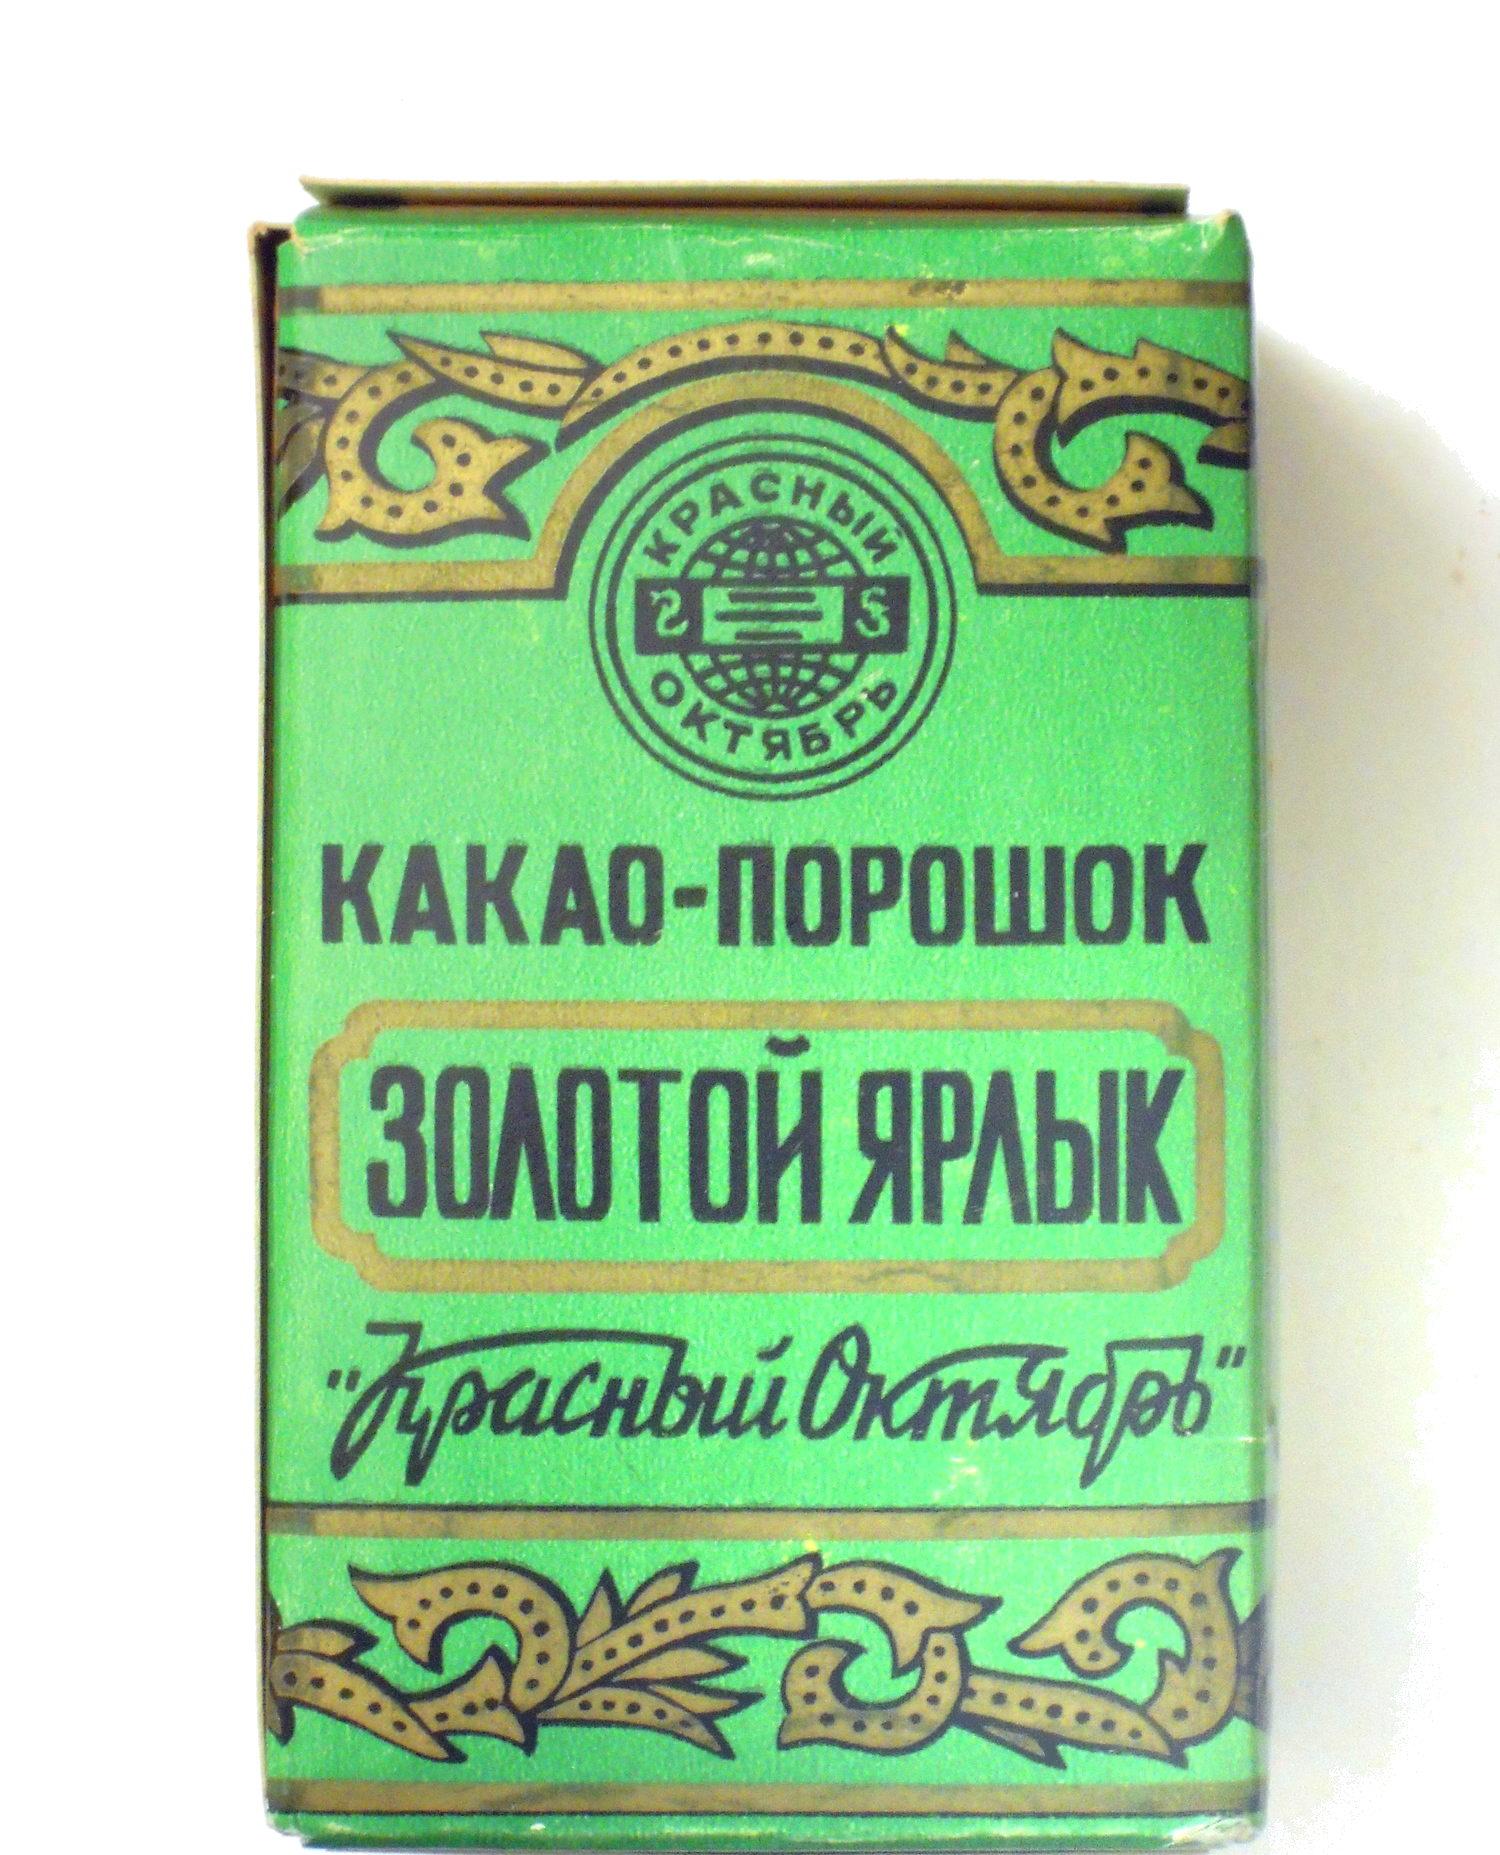 Какао-порошок «Золотой ярлык» - Product - ru